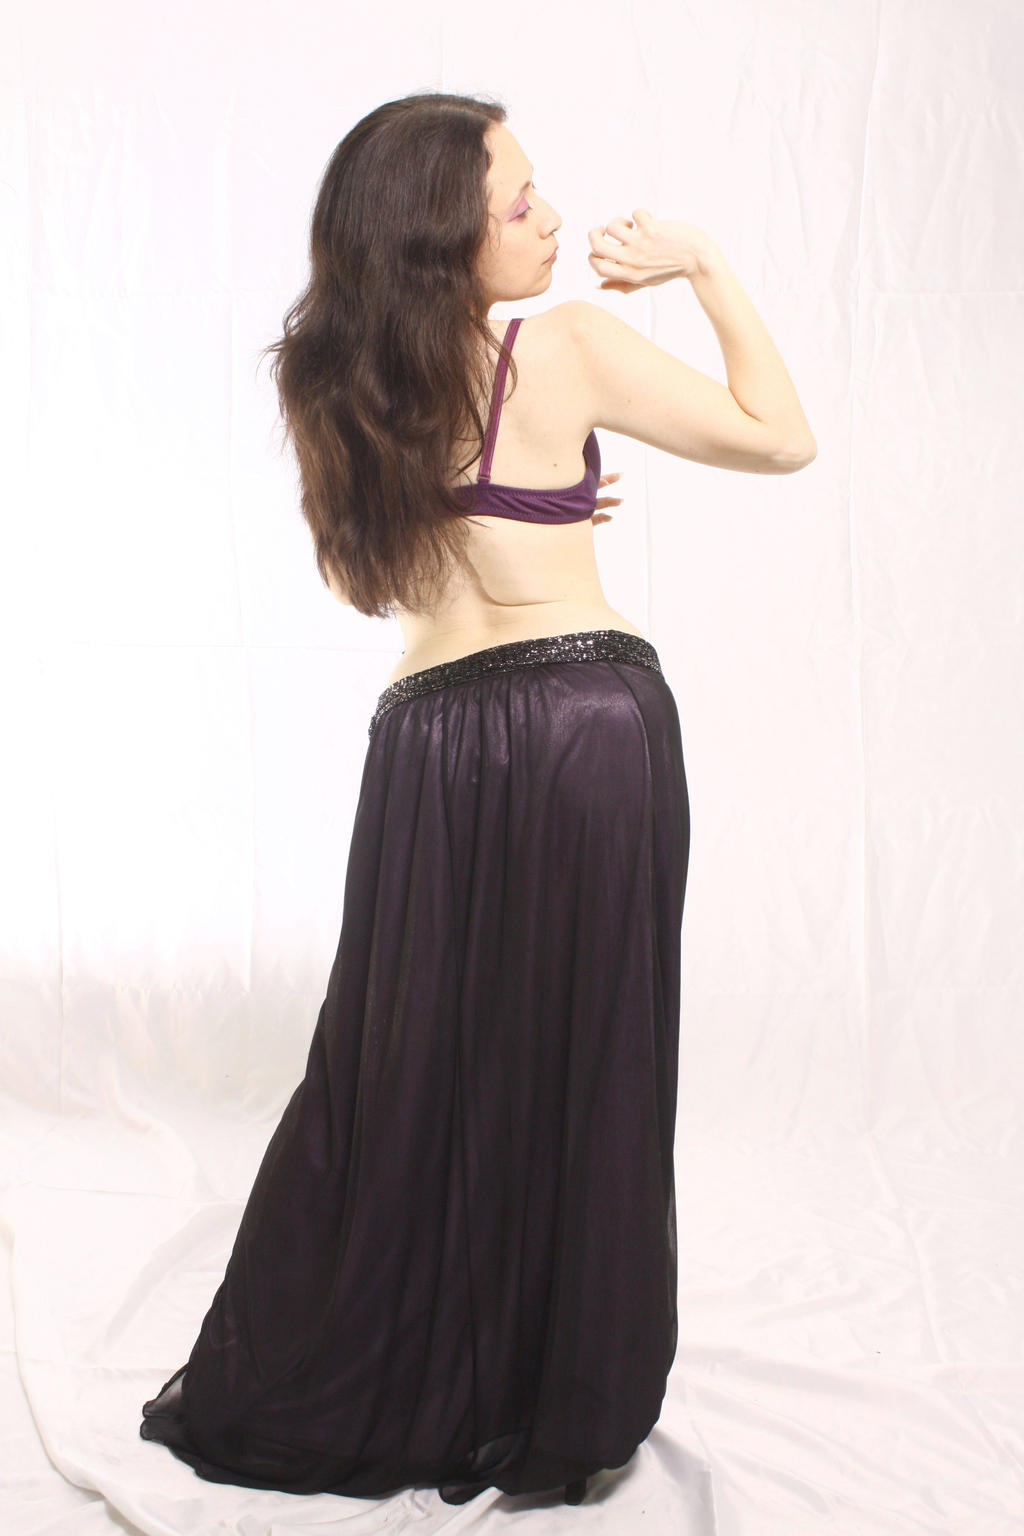 Dancer10 by Lilinaceleste